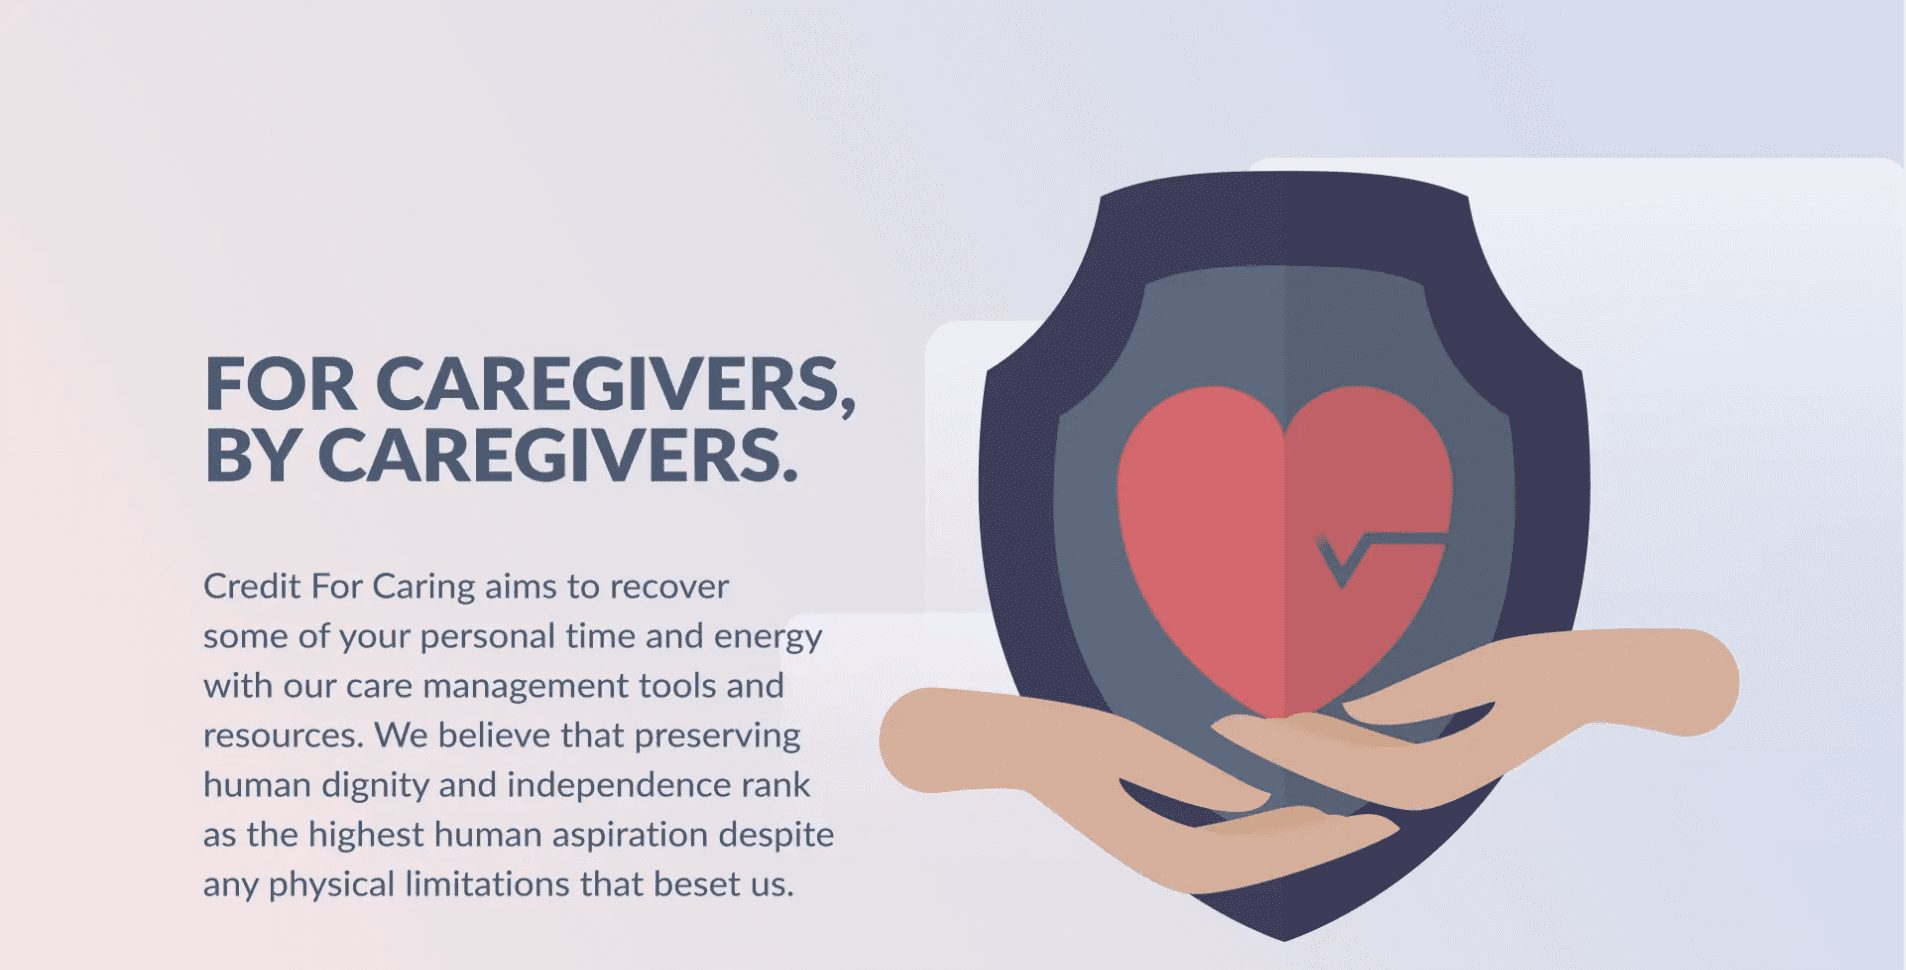 Caregiver Tools